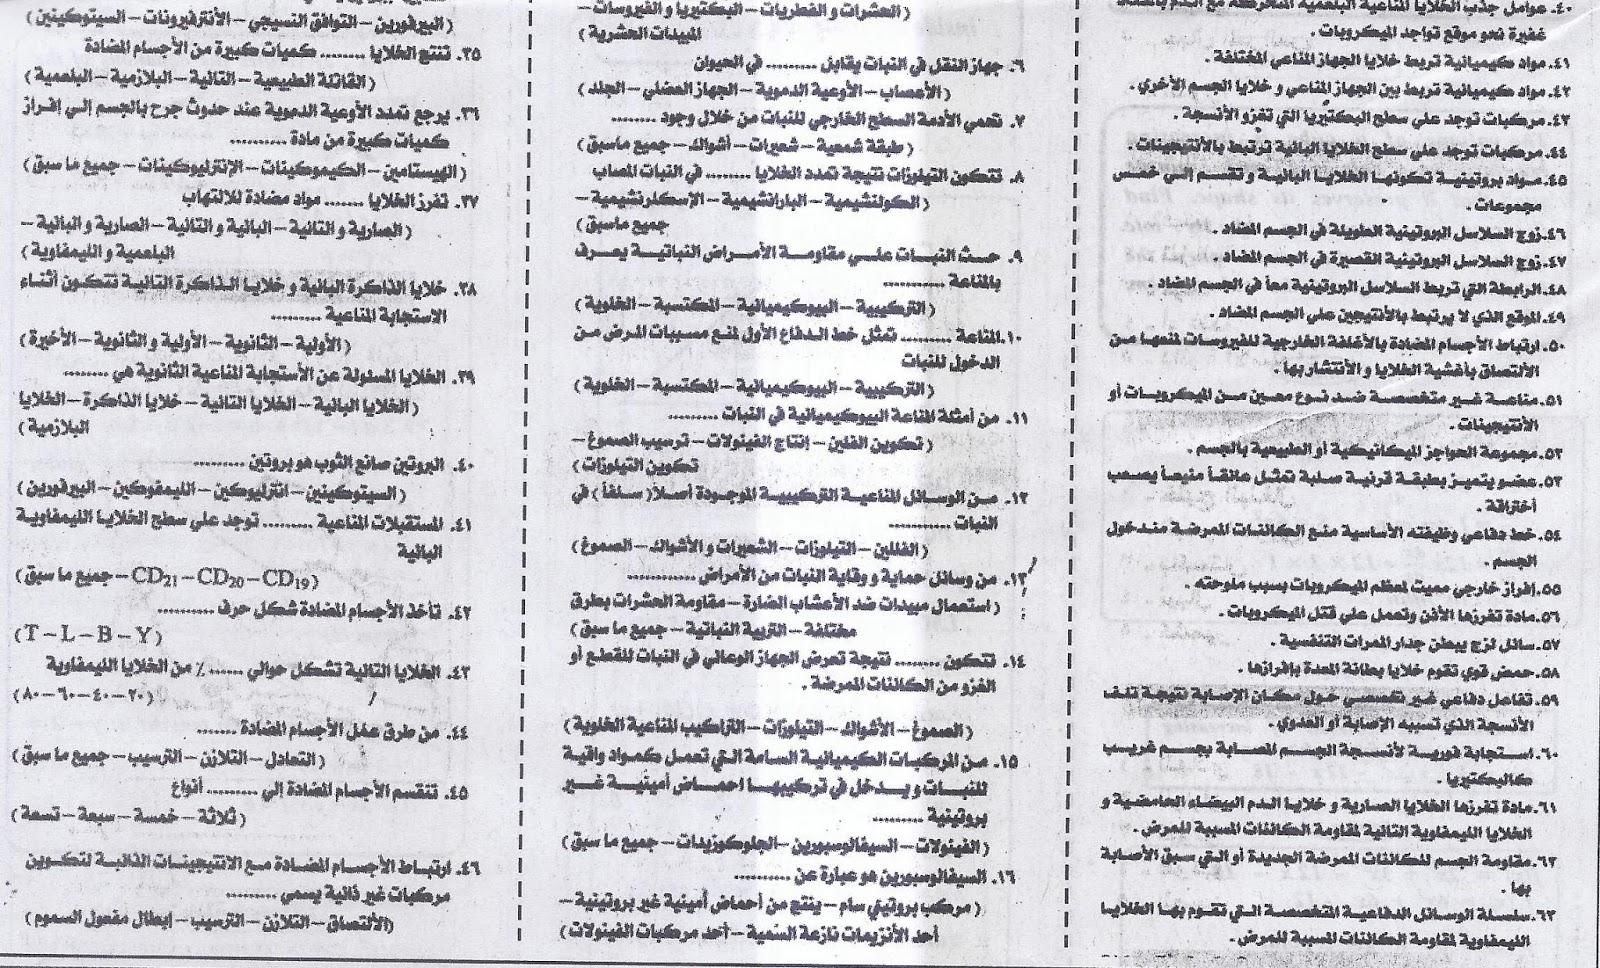 اسئلة احياء مجابة ومتوقعة لامتحان ثانوية عامة 2016 ... خبراء ملحق الجمهورية 13